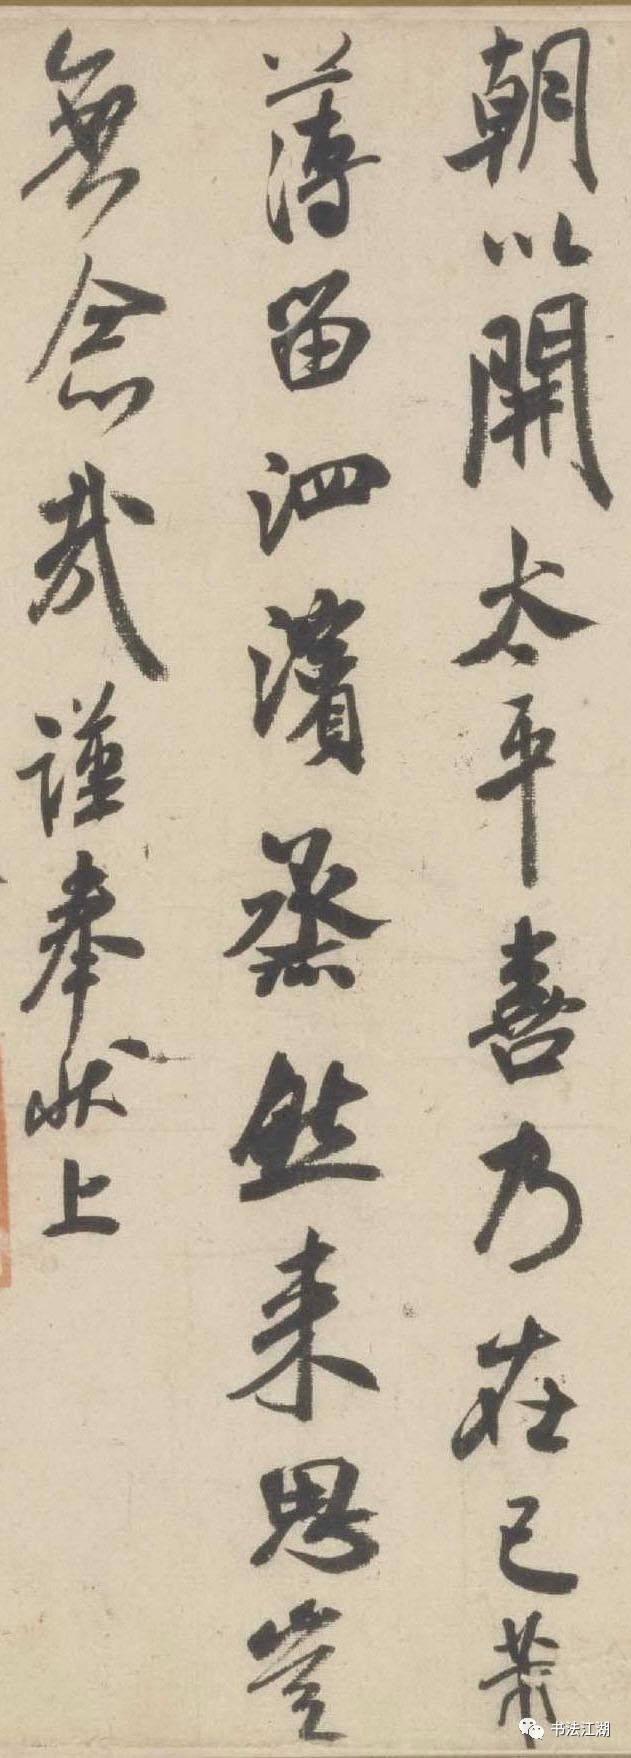 书法 书法作品 631_1758 竖版 竖屏图片